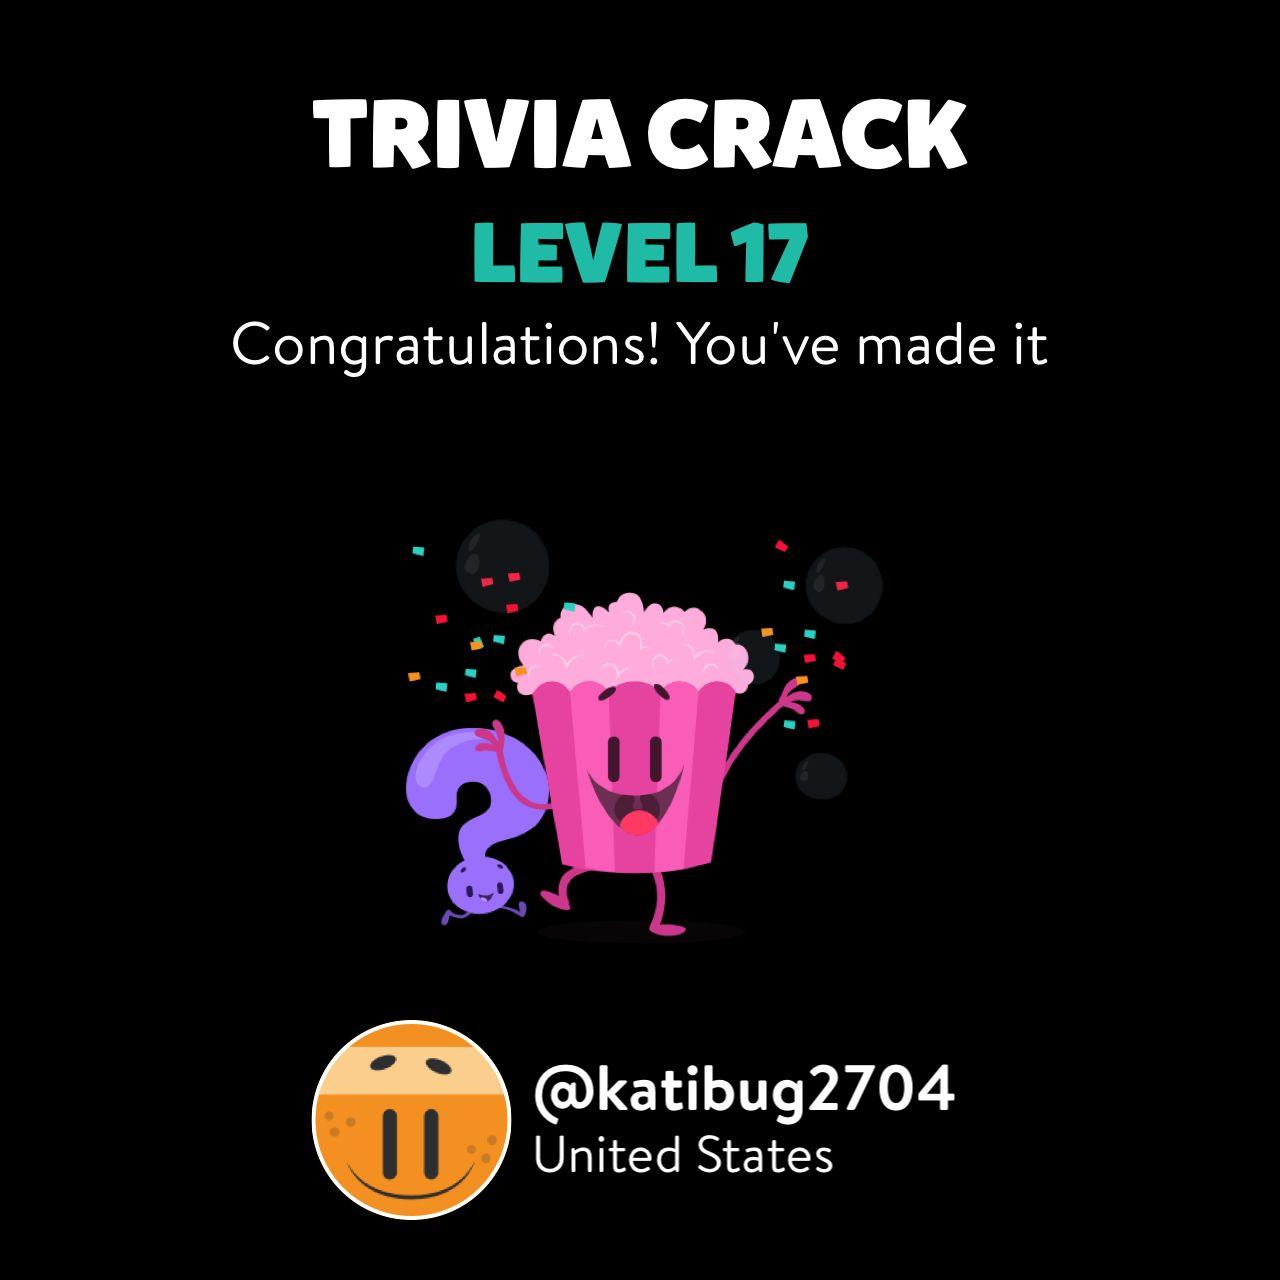 @katibug2704 just leveled up to Lv. 17 on Trivia Crack!